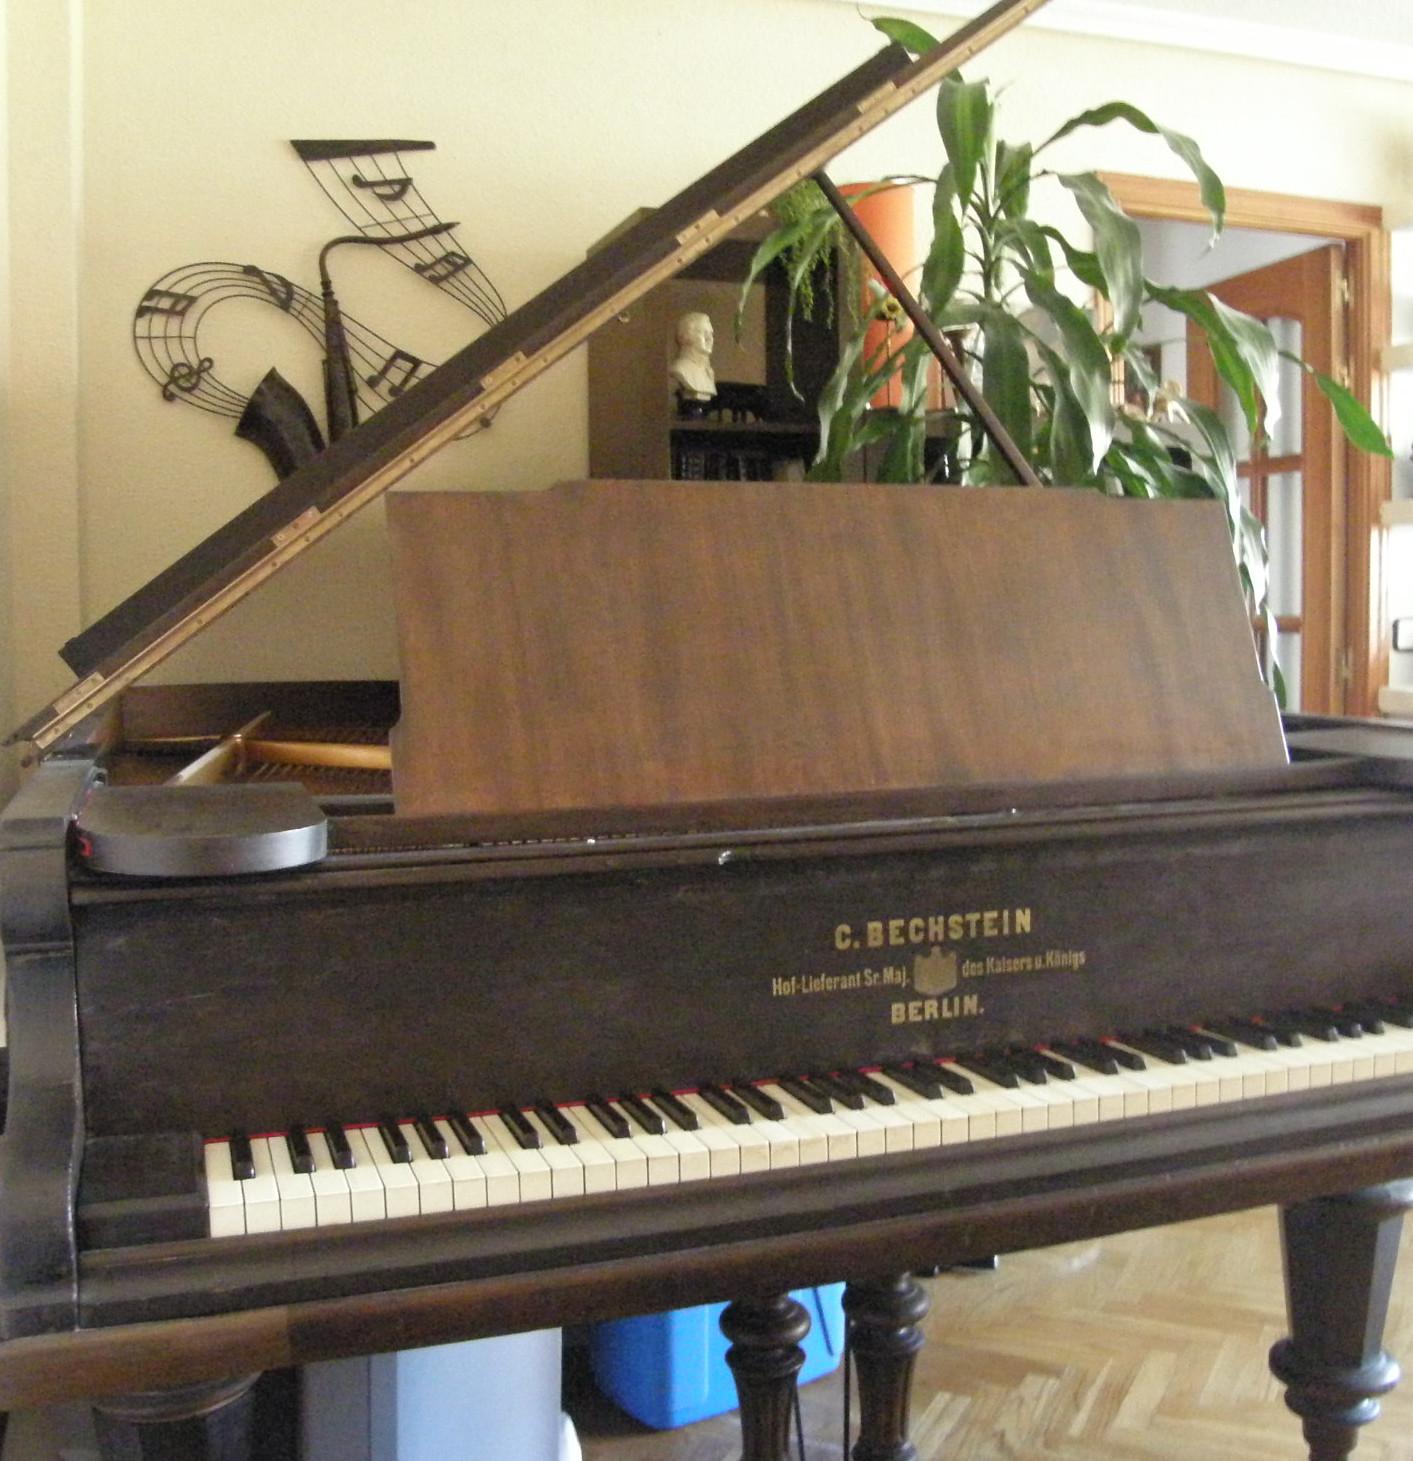 Laura Martín's Bechstein piano 2